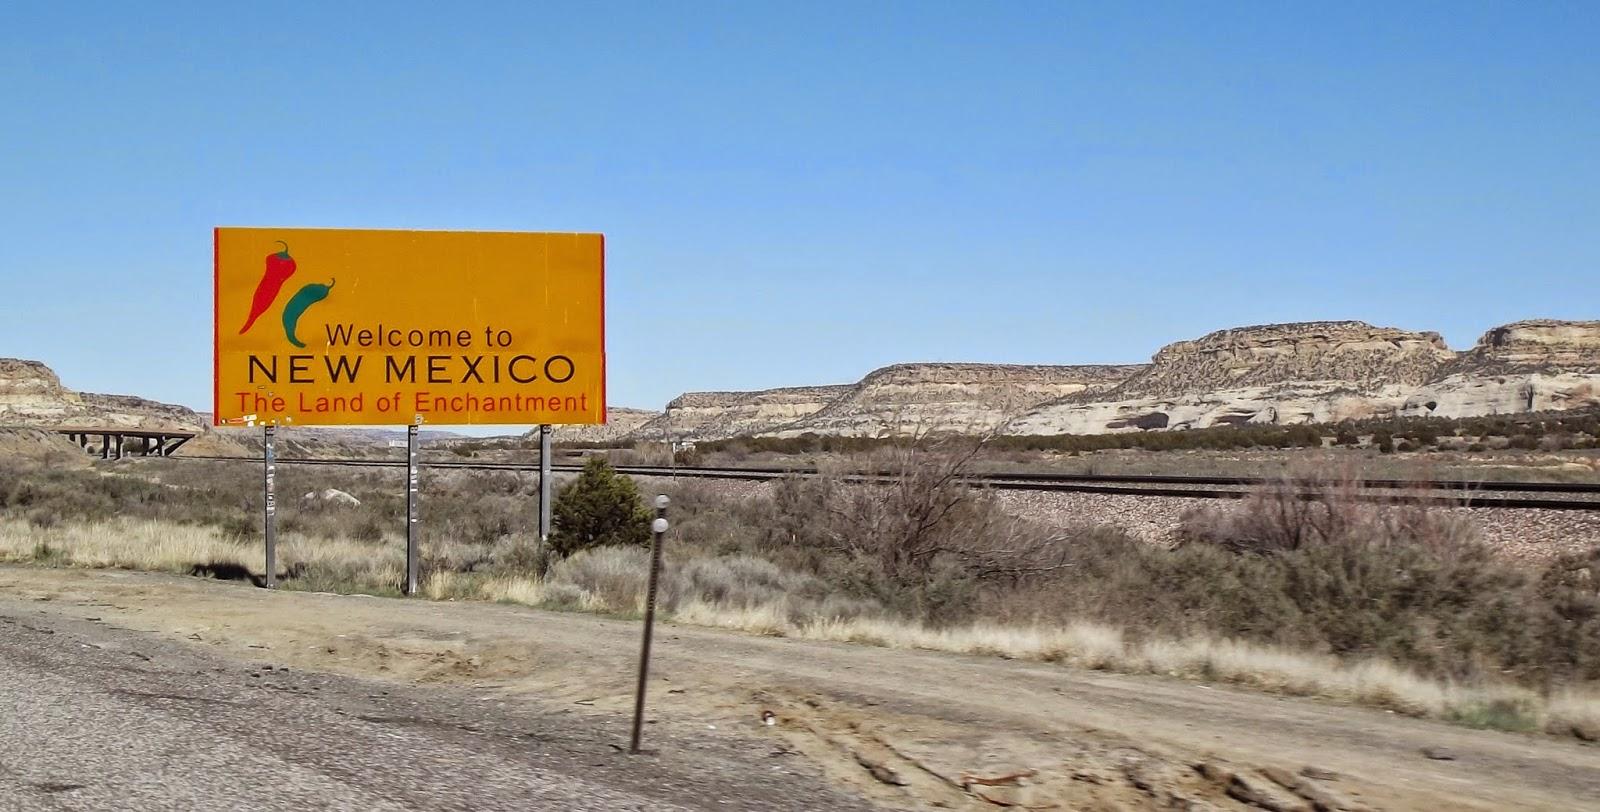 Albuquerque To Santa Fe >> la ballade de Pégase: Le Nord du Nouveau-Mexique : Albuquerque, Santa Fe, Taos ...